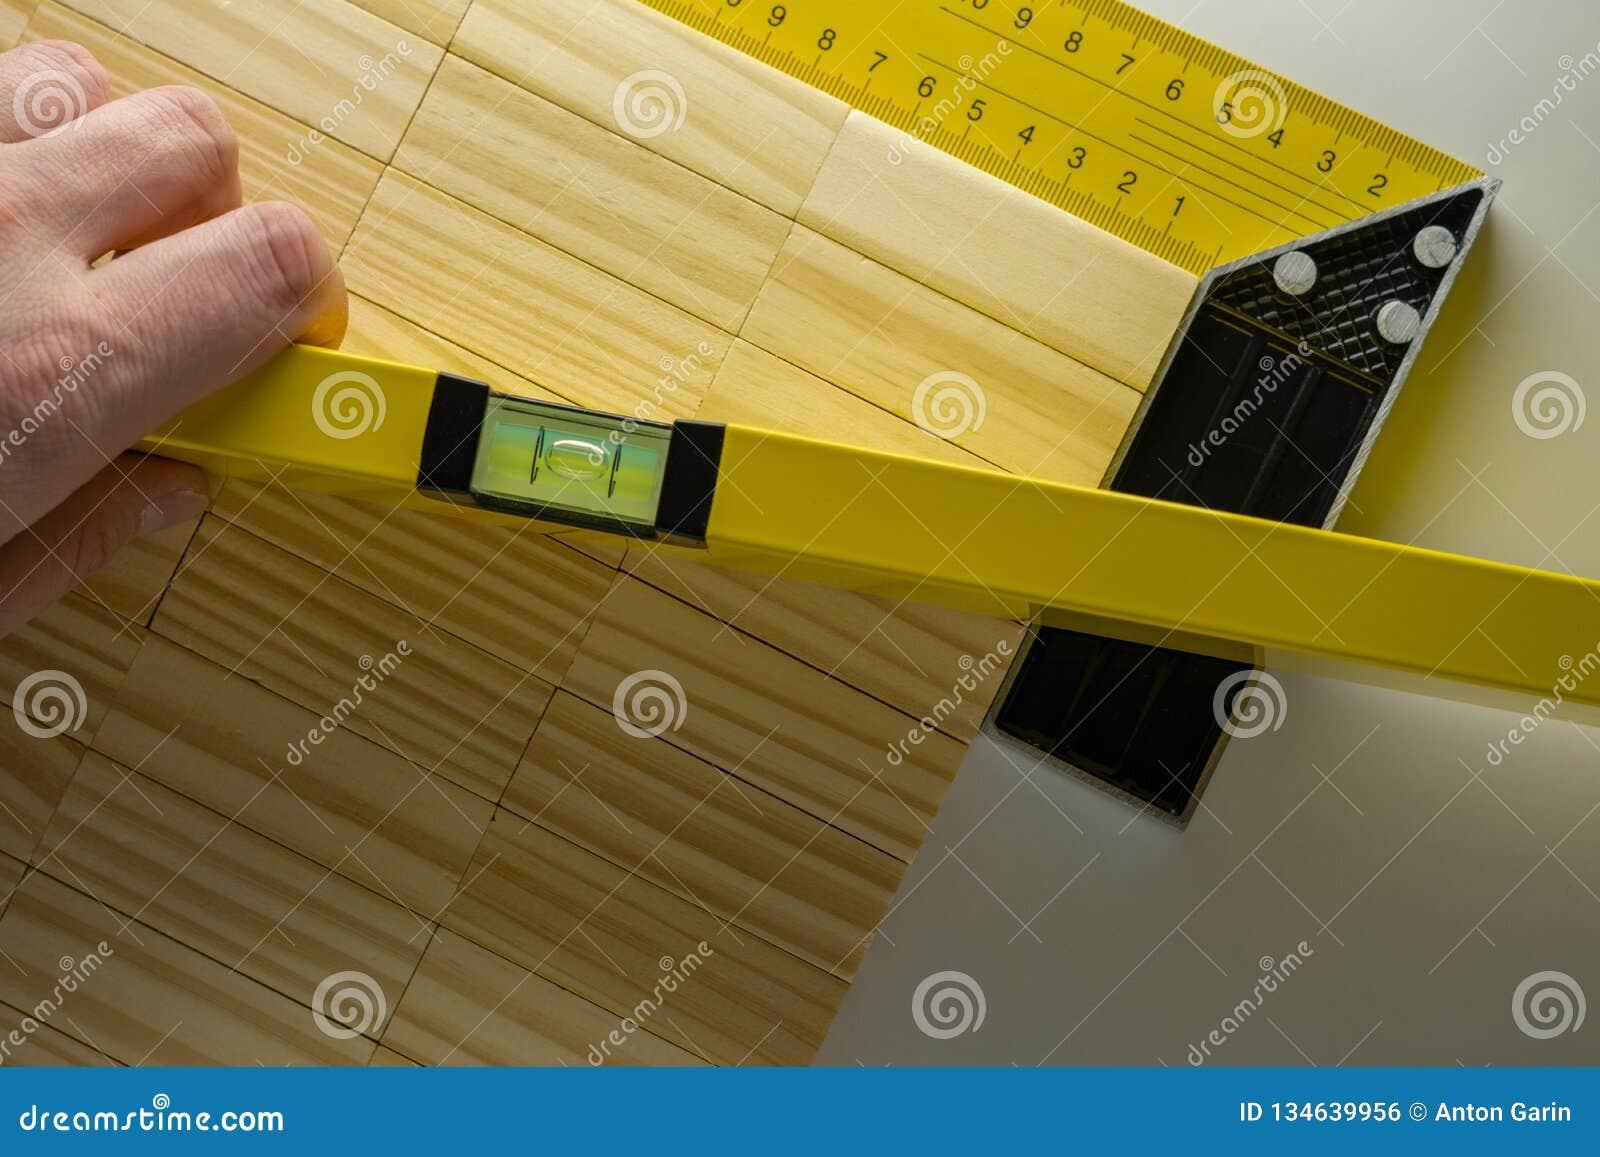 Comprobación del nivel de la tabla, mano con el nivel del edificio o waterpas y tabla de madera de los bloques